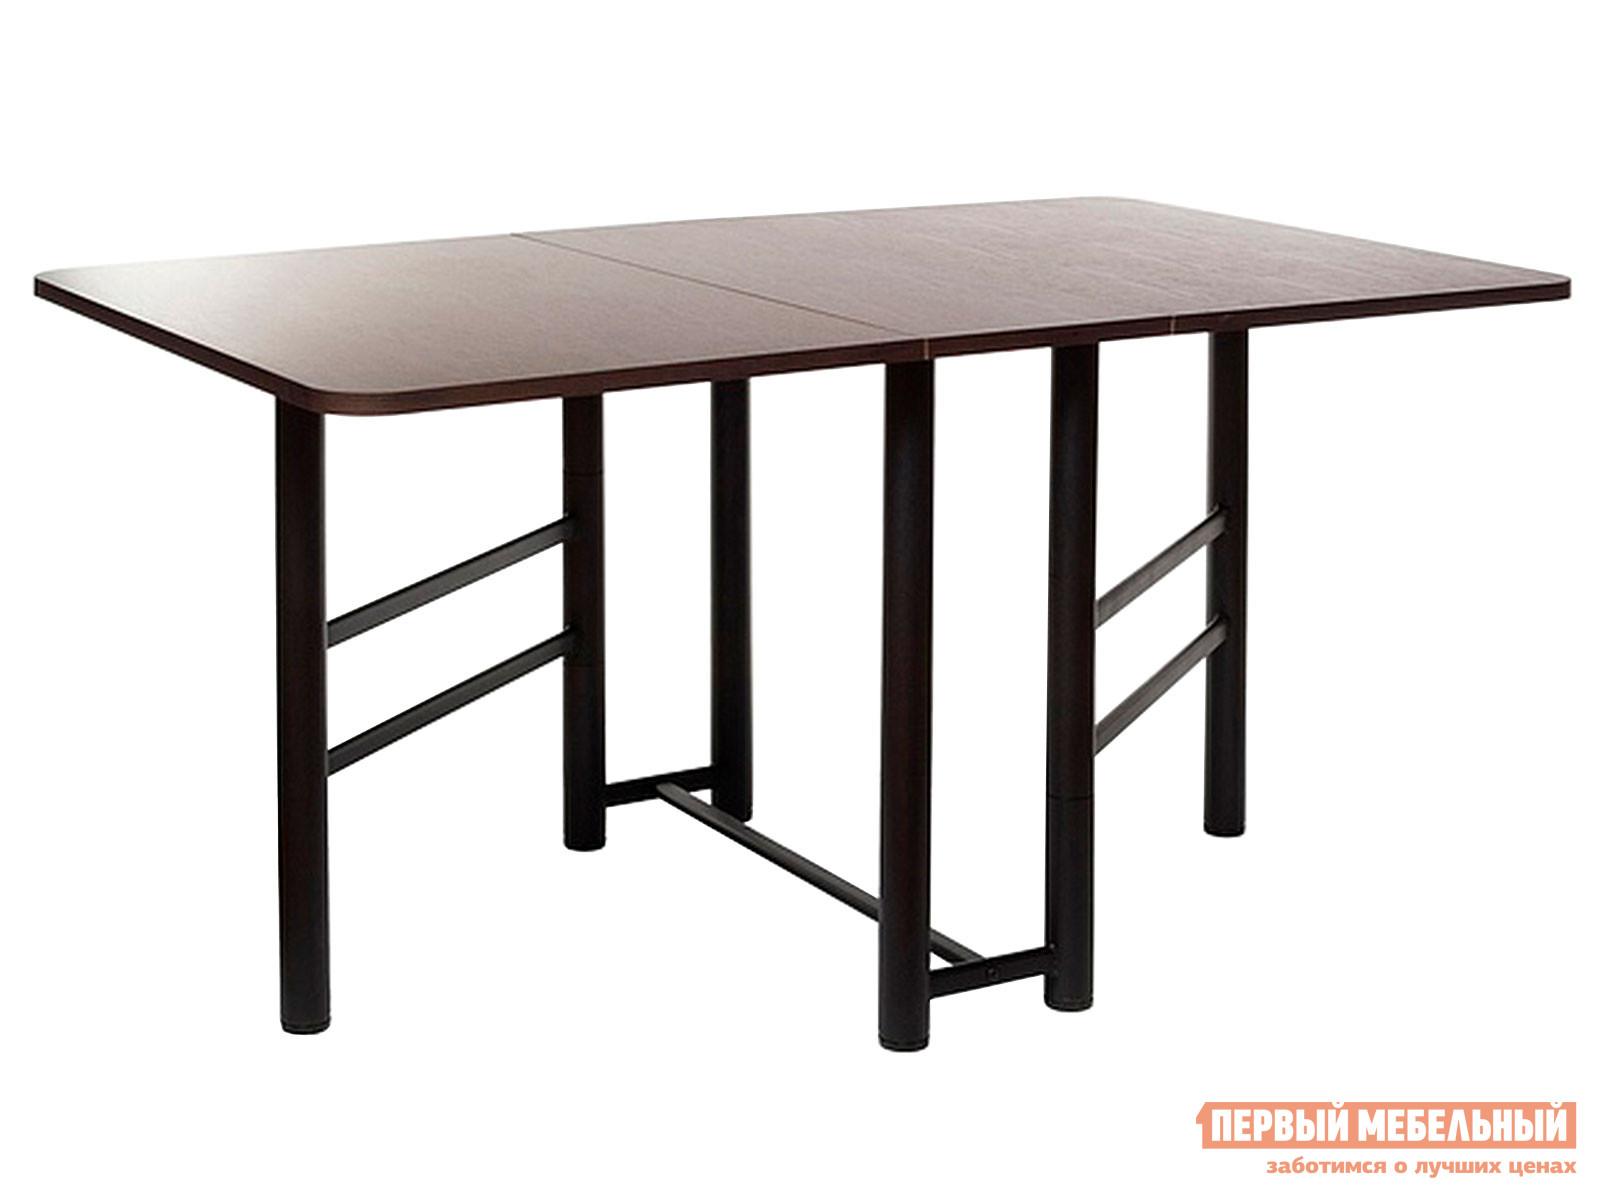 Кухонный стол Вентал Прямоугольный стол Венеция